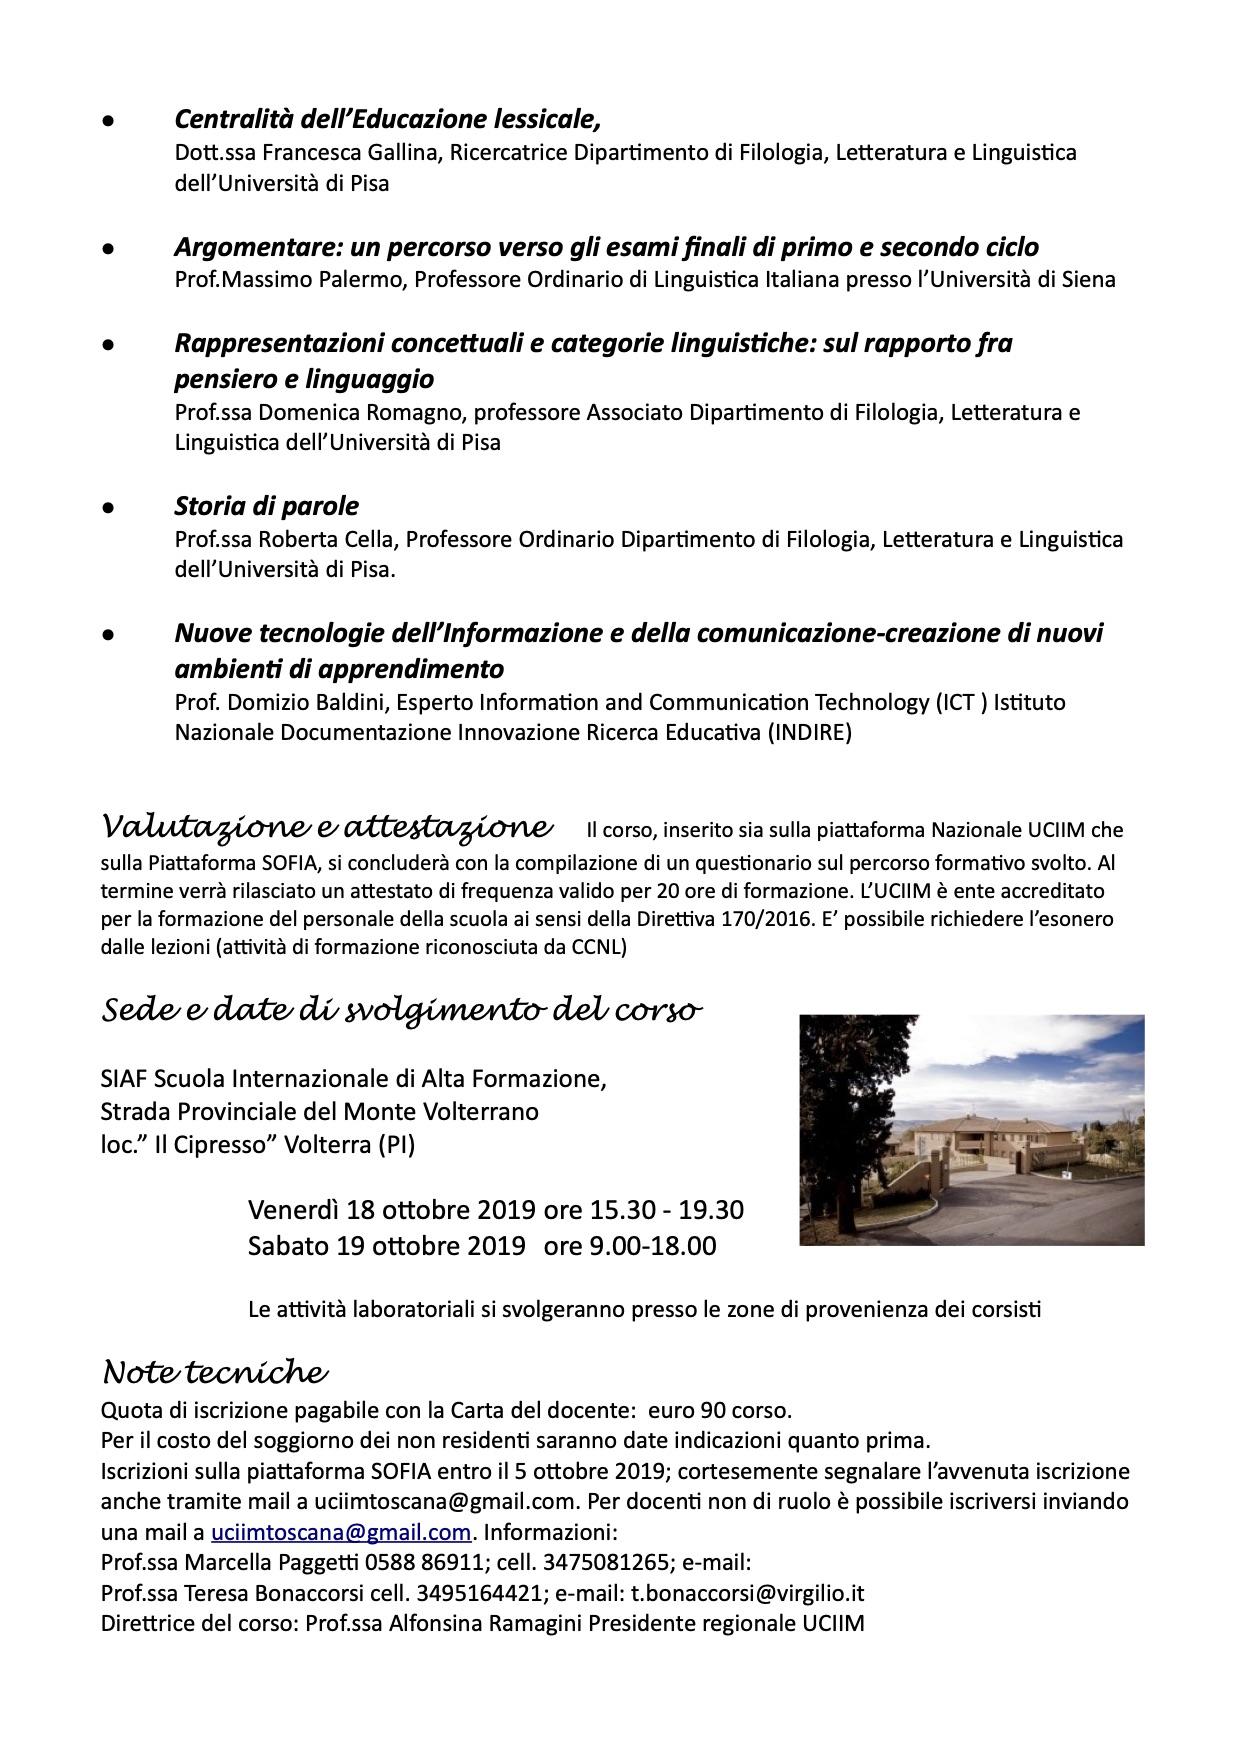 locandina uf linguistica volterra 2019-2